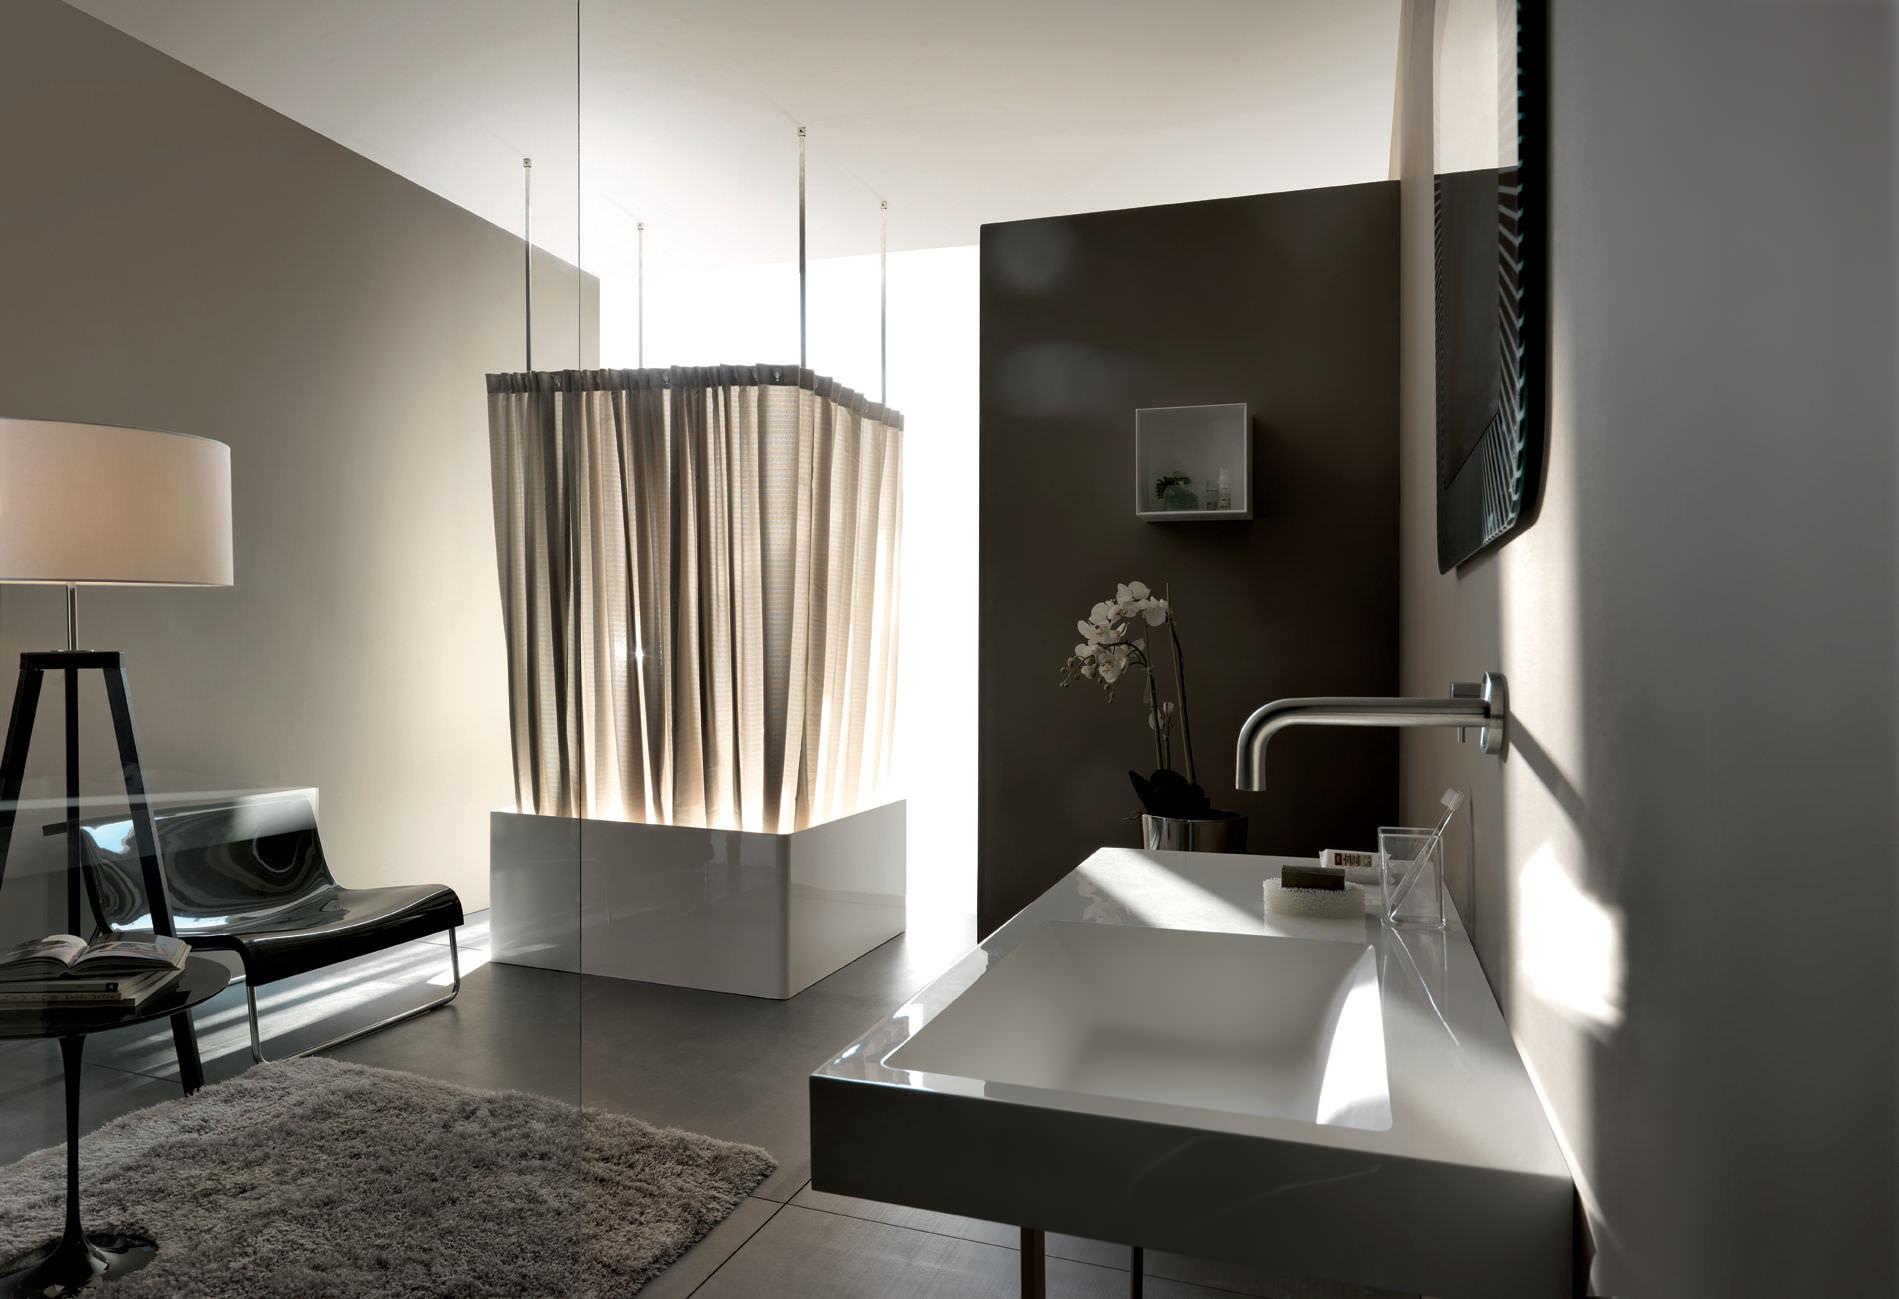 Vasca Da Bagno Quadrata : Affascinante vasca da bagno quadrata prezzi bagno idee